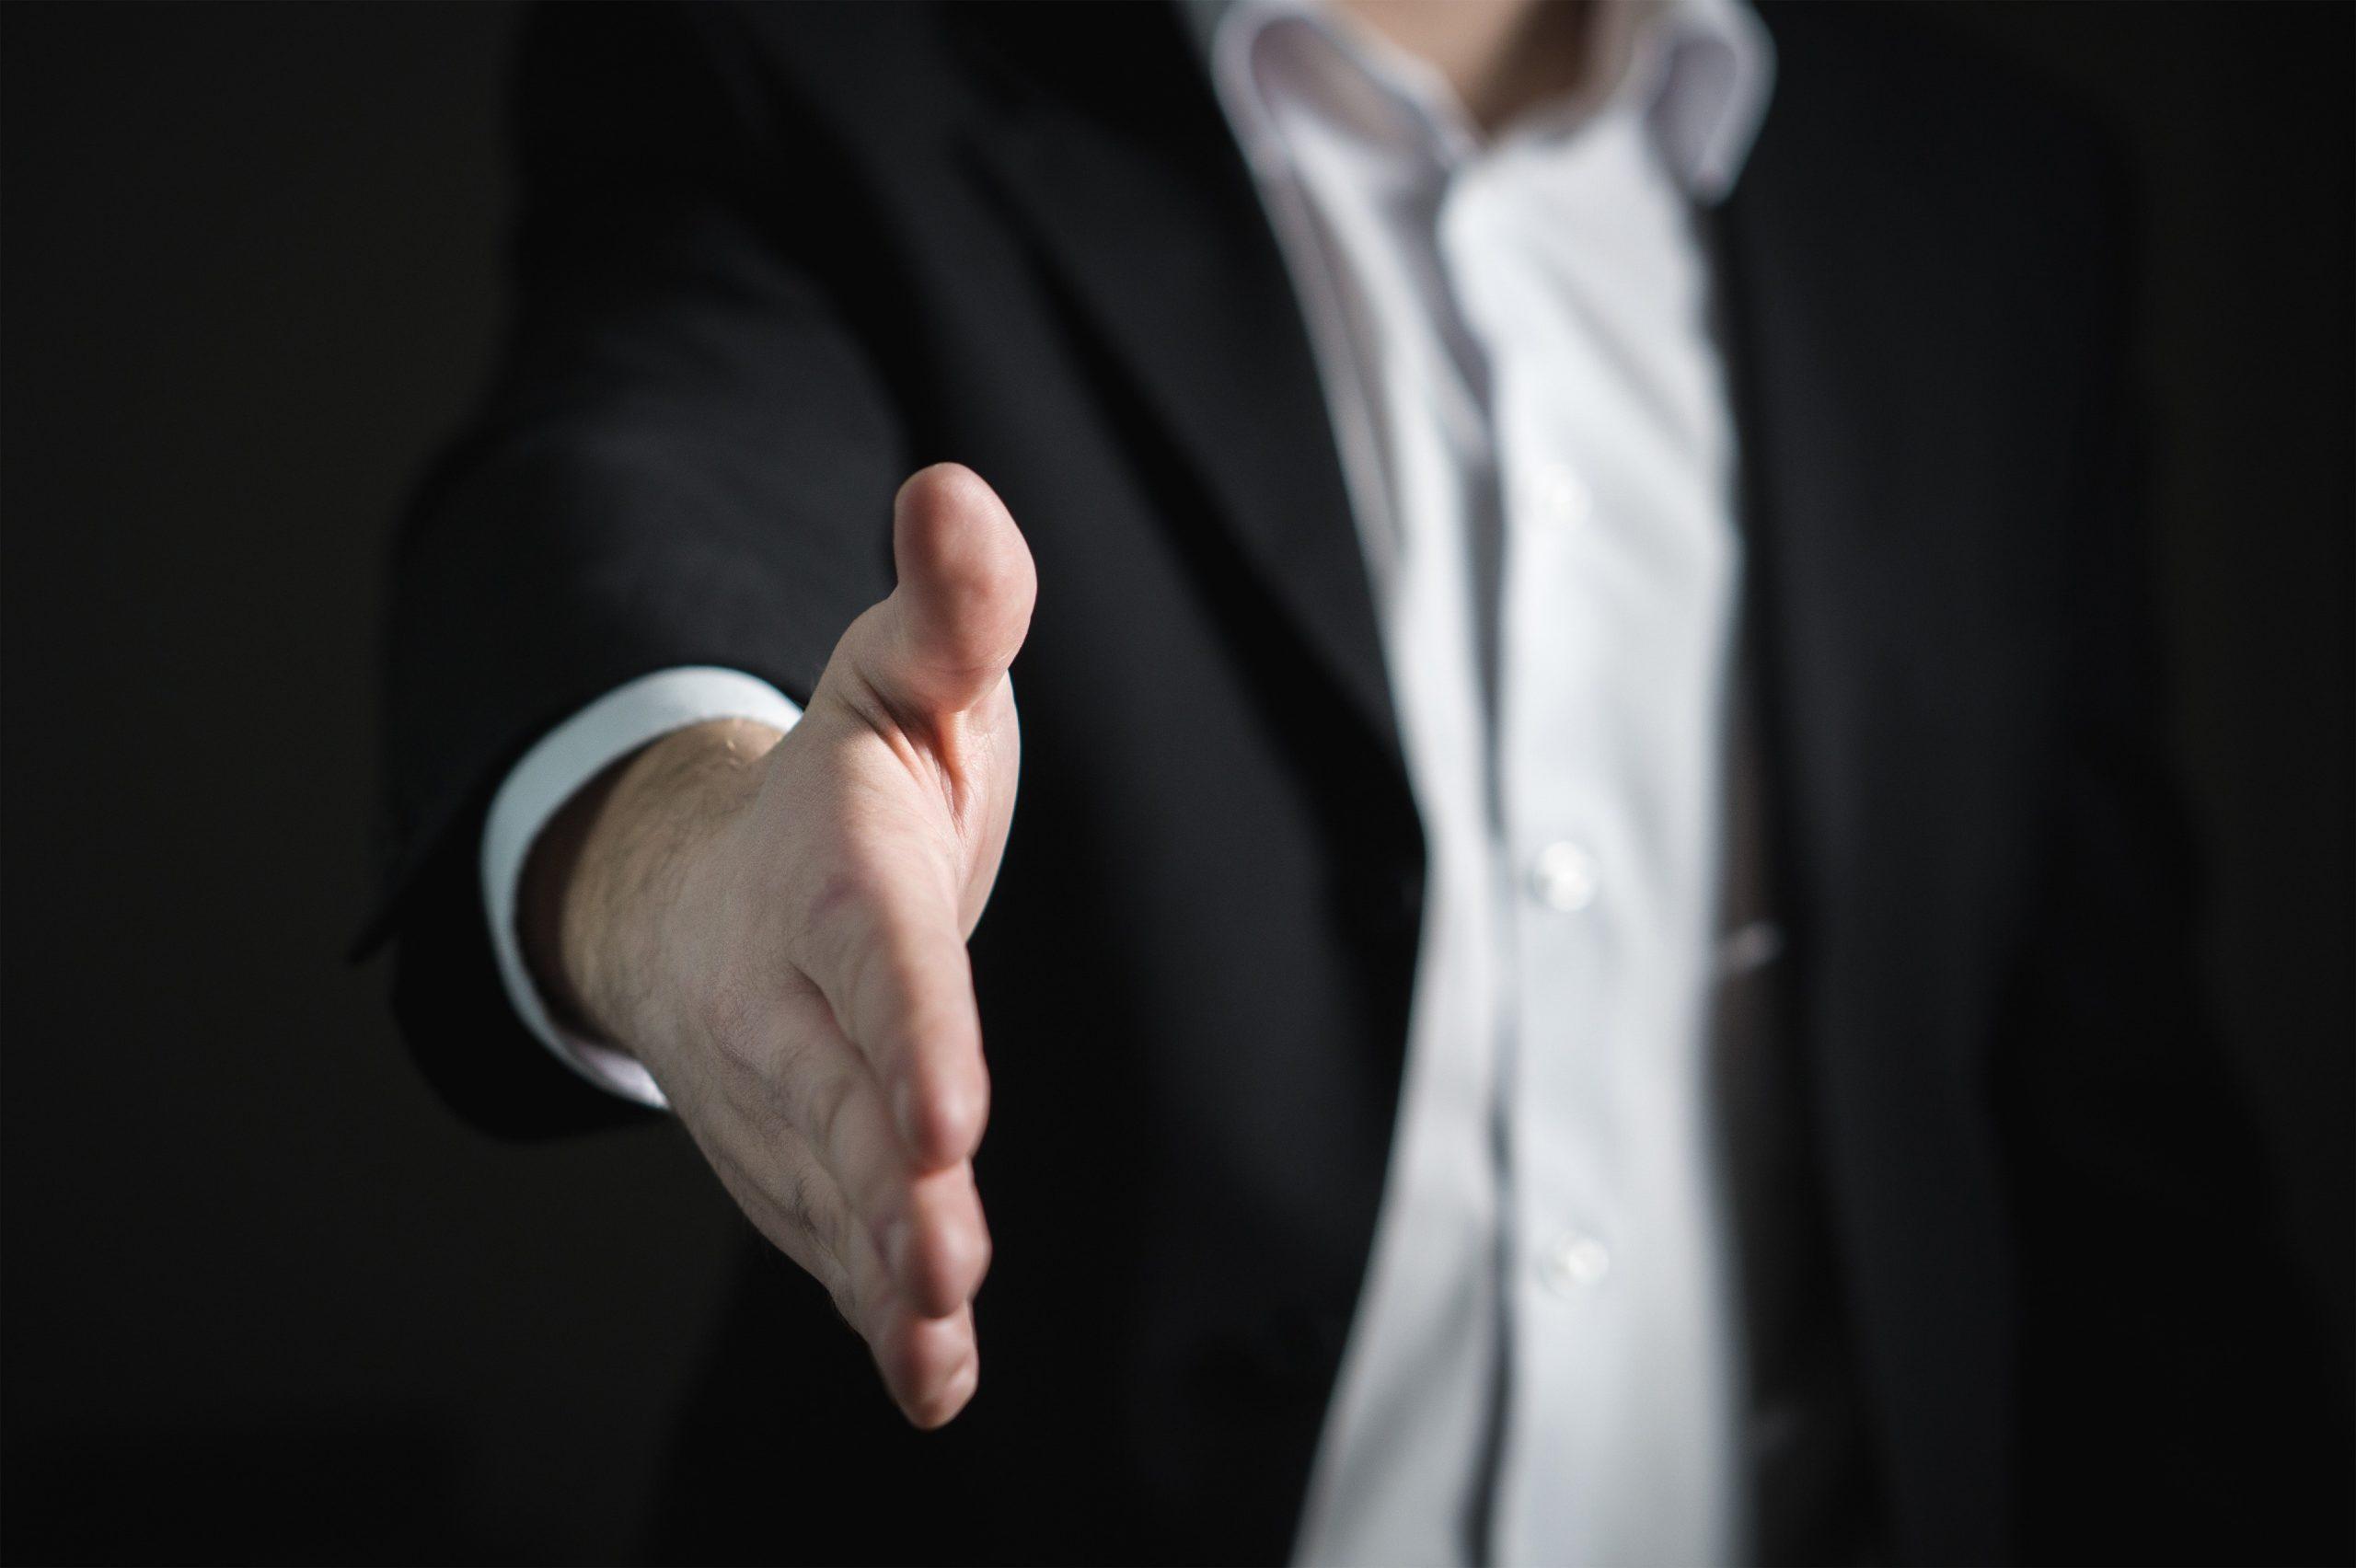 A man extending handshake